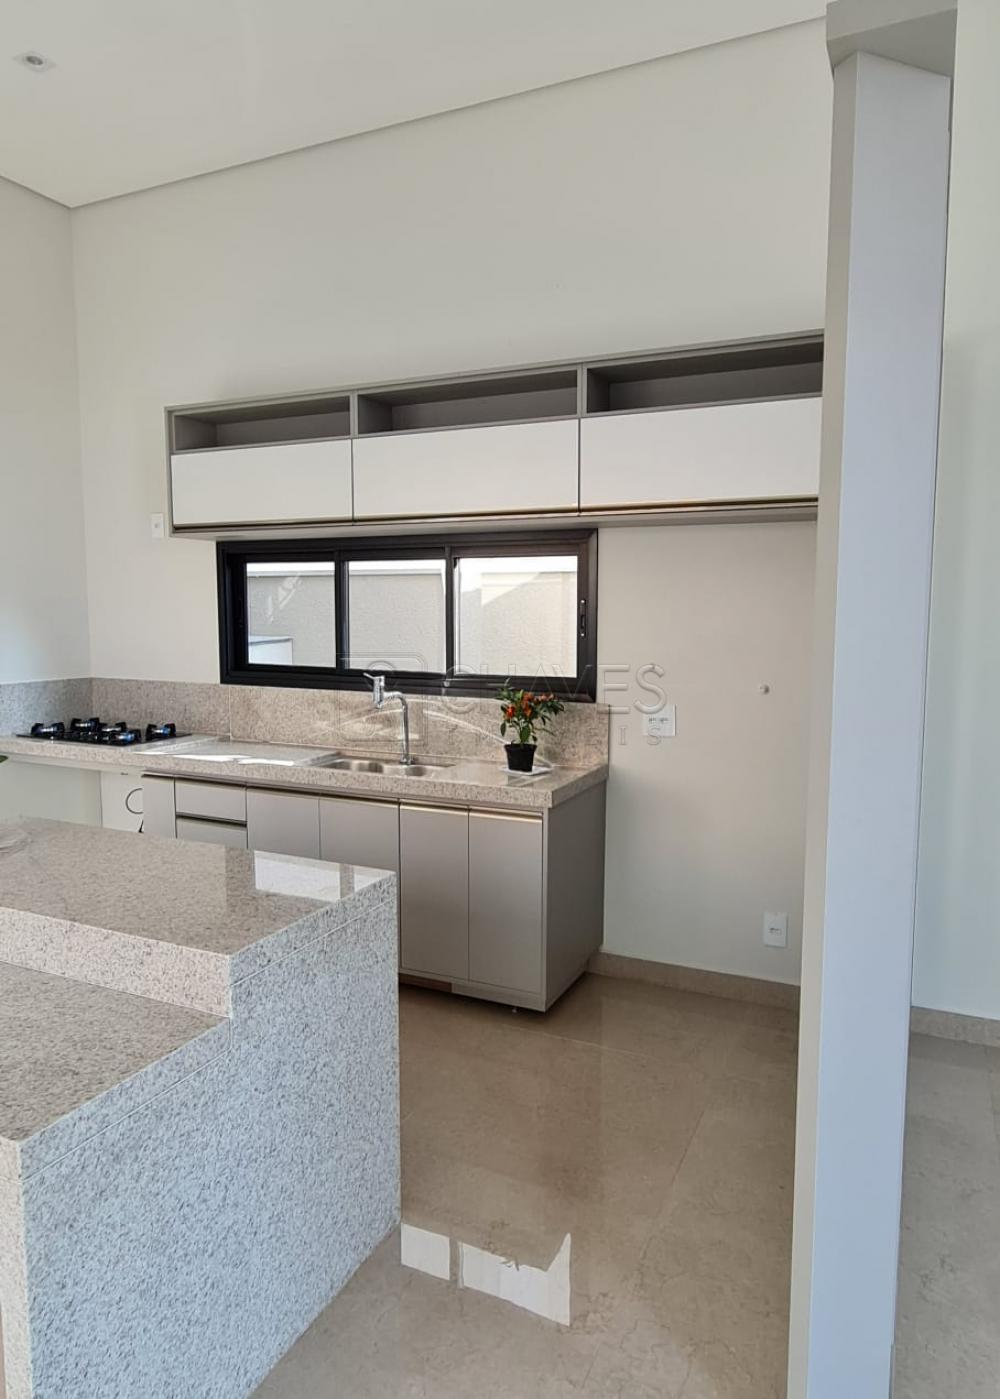 Comprar Casa / Condomínio em Ribeirão Preto apenas R$ 1.050.000,00 - Foto 8